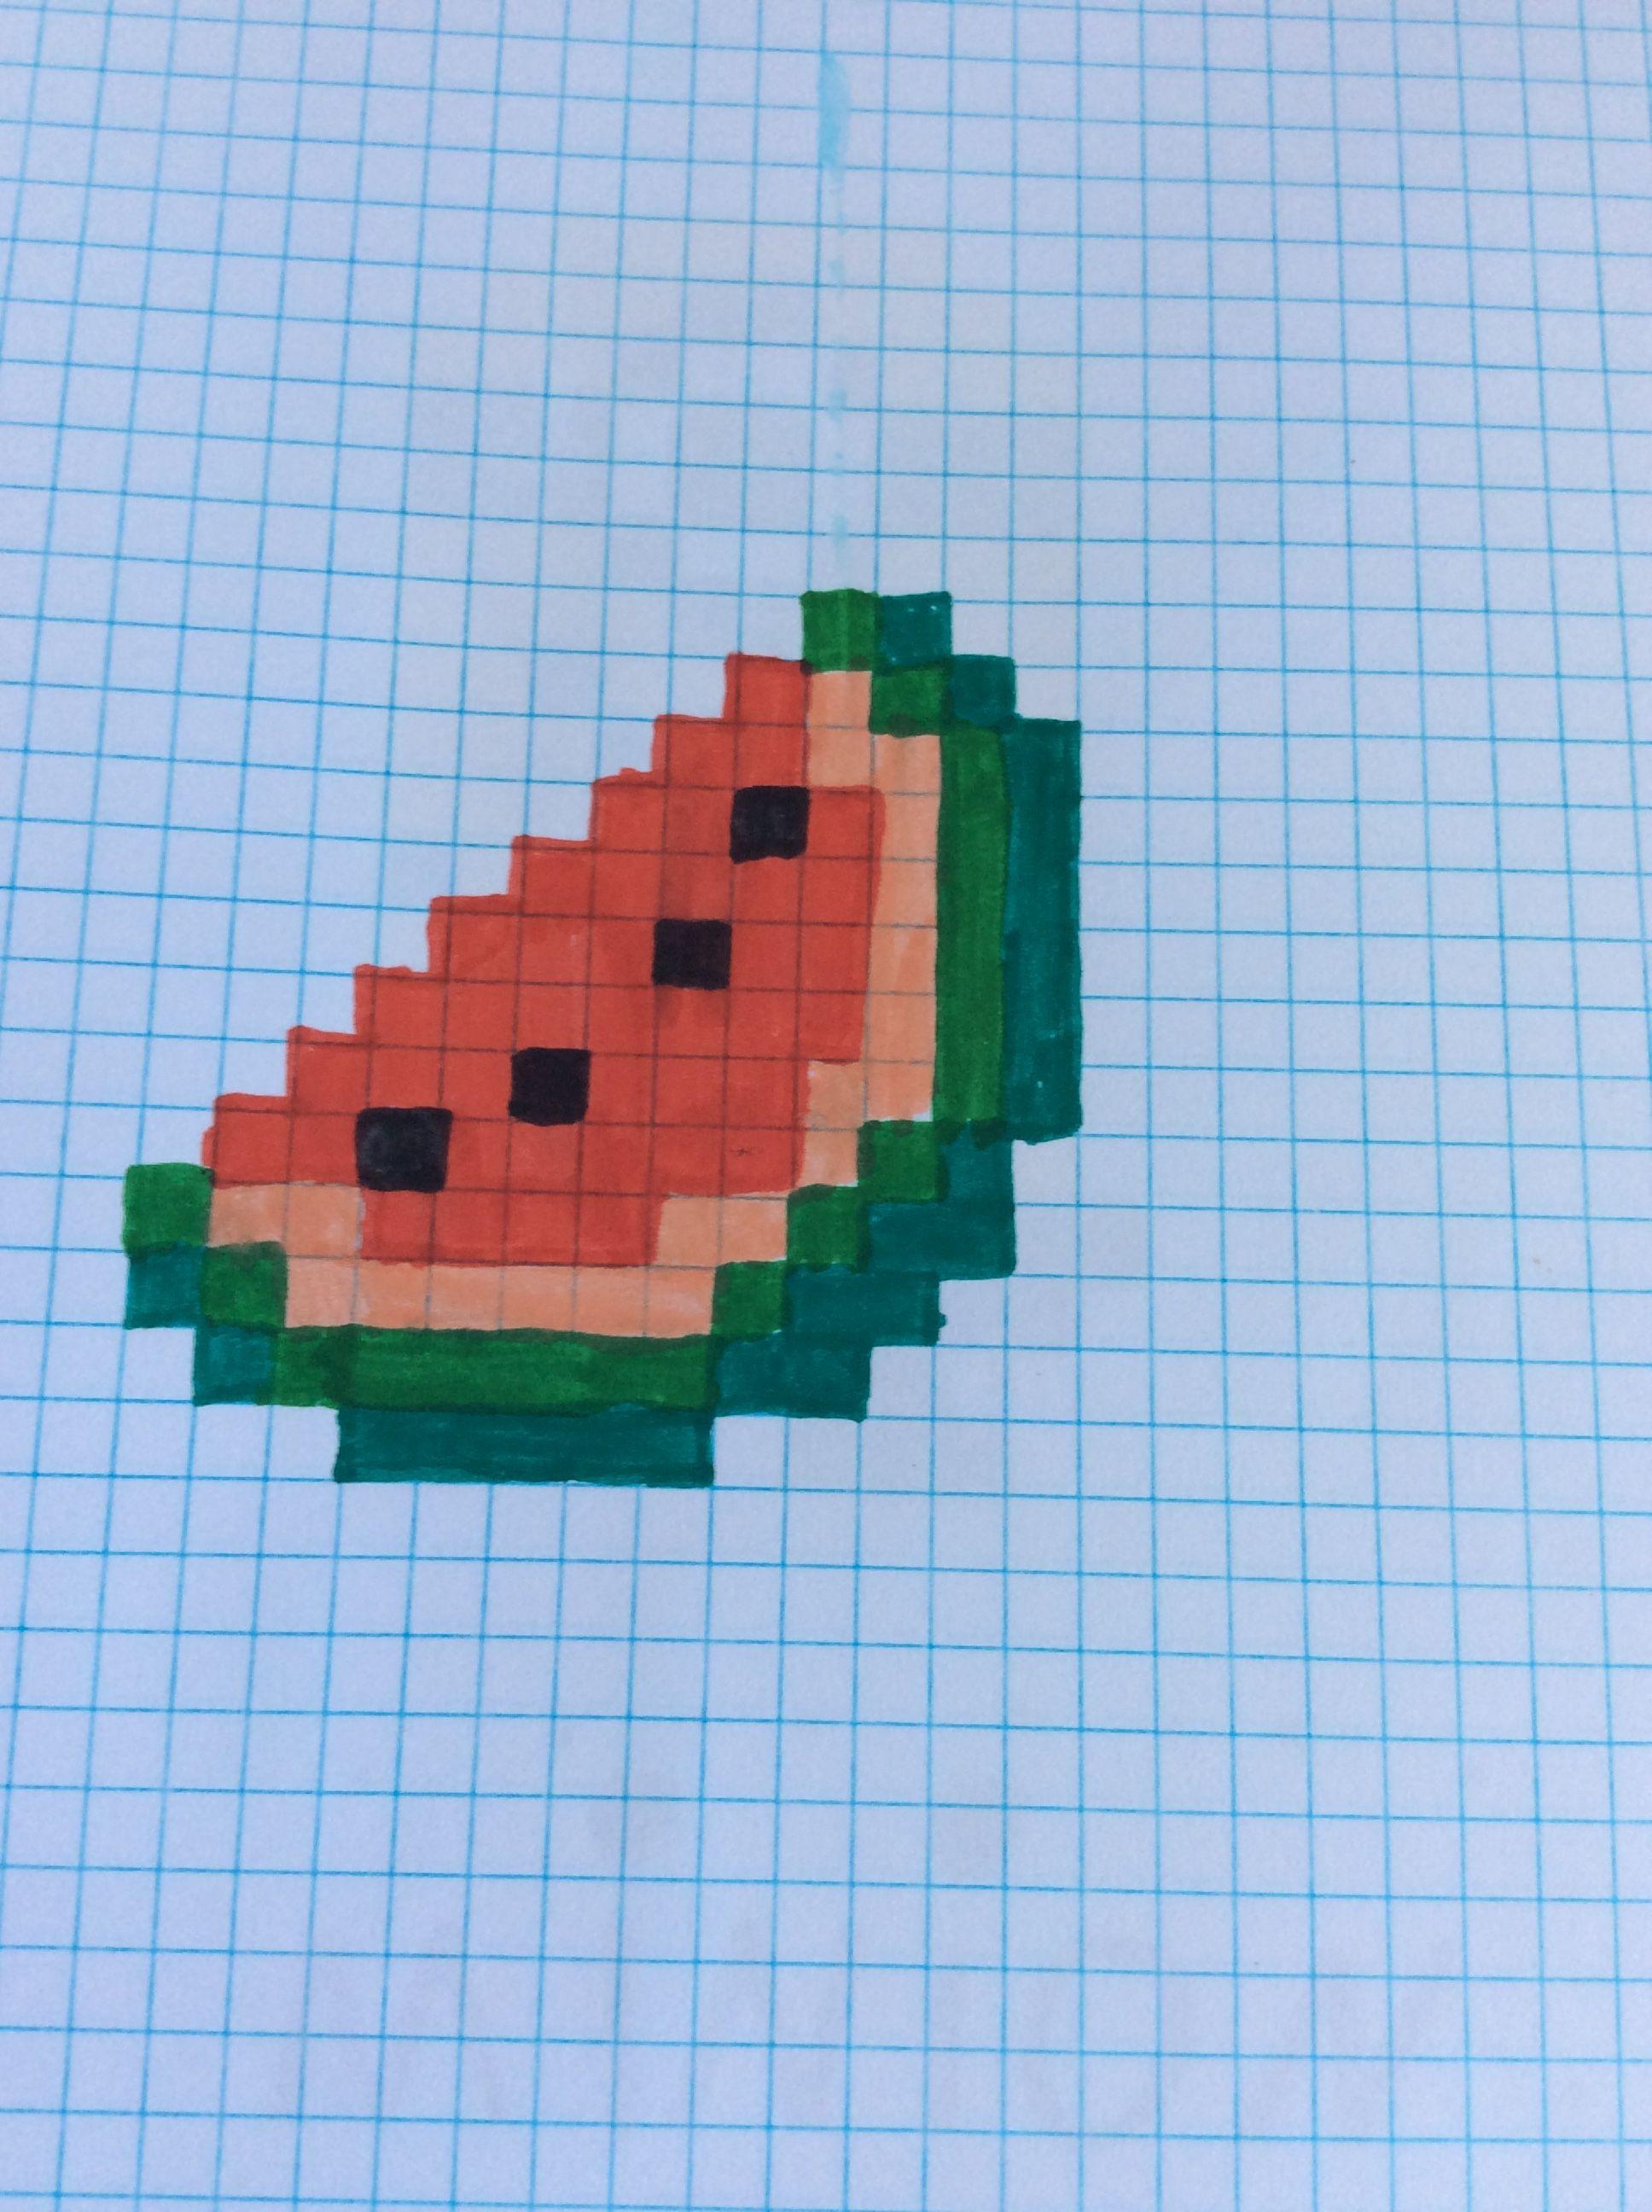 Pixel Art Watermeloen